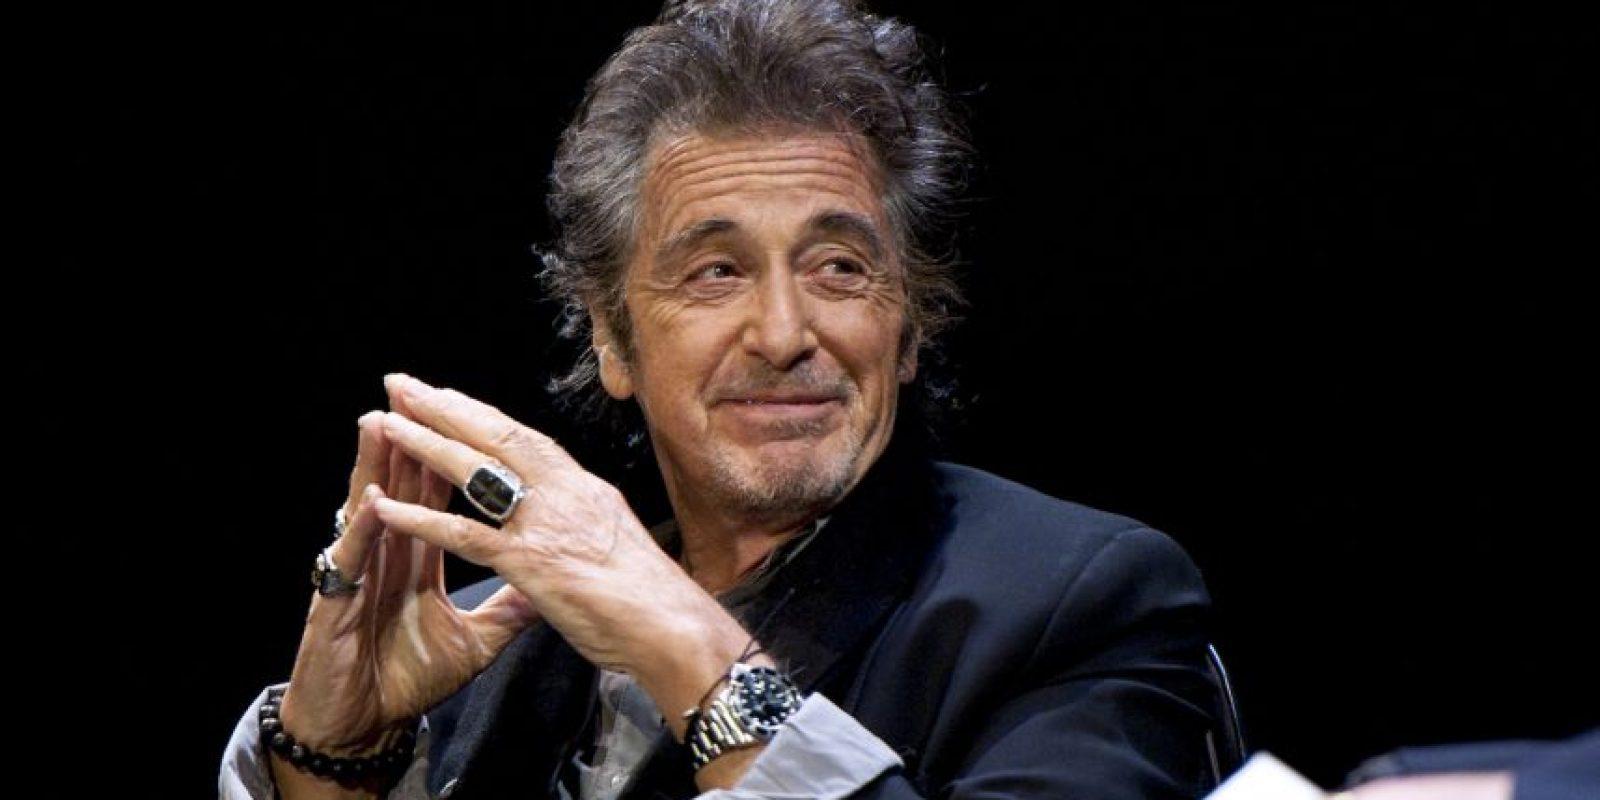 Al Pacino es un actor estadounidense. Foto:Getty Images